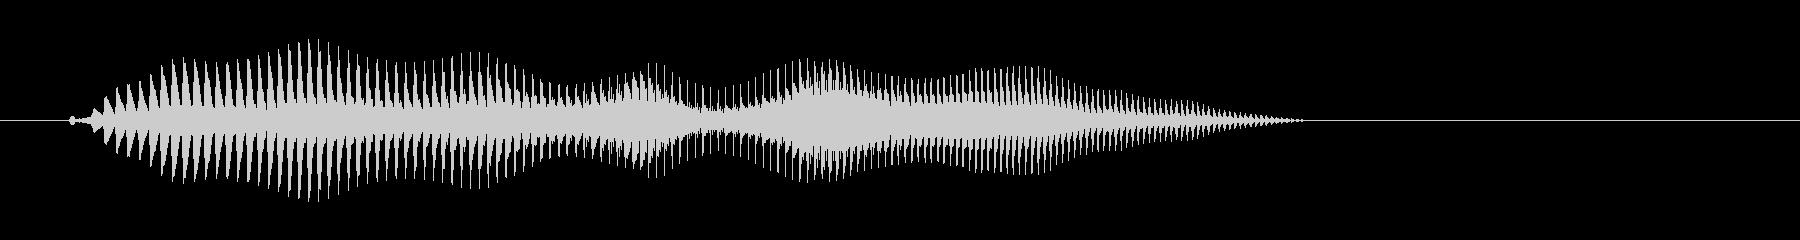 ピュイ(「動」を連想する決定音)の未再生の波形